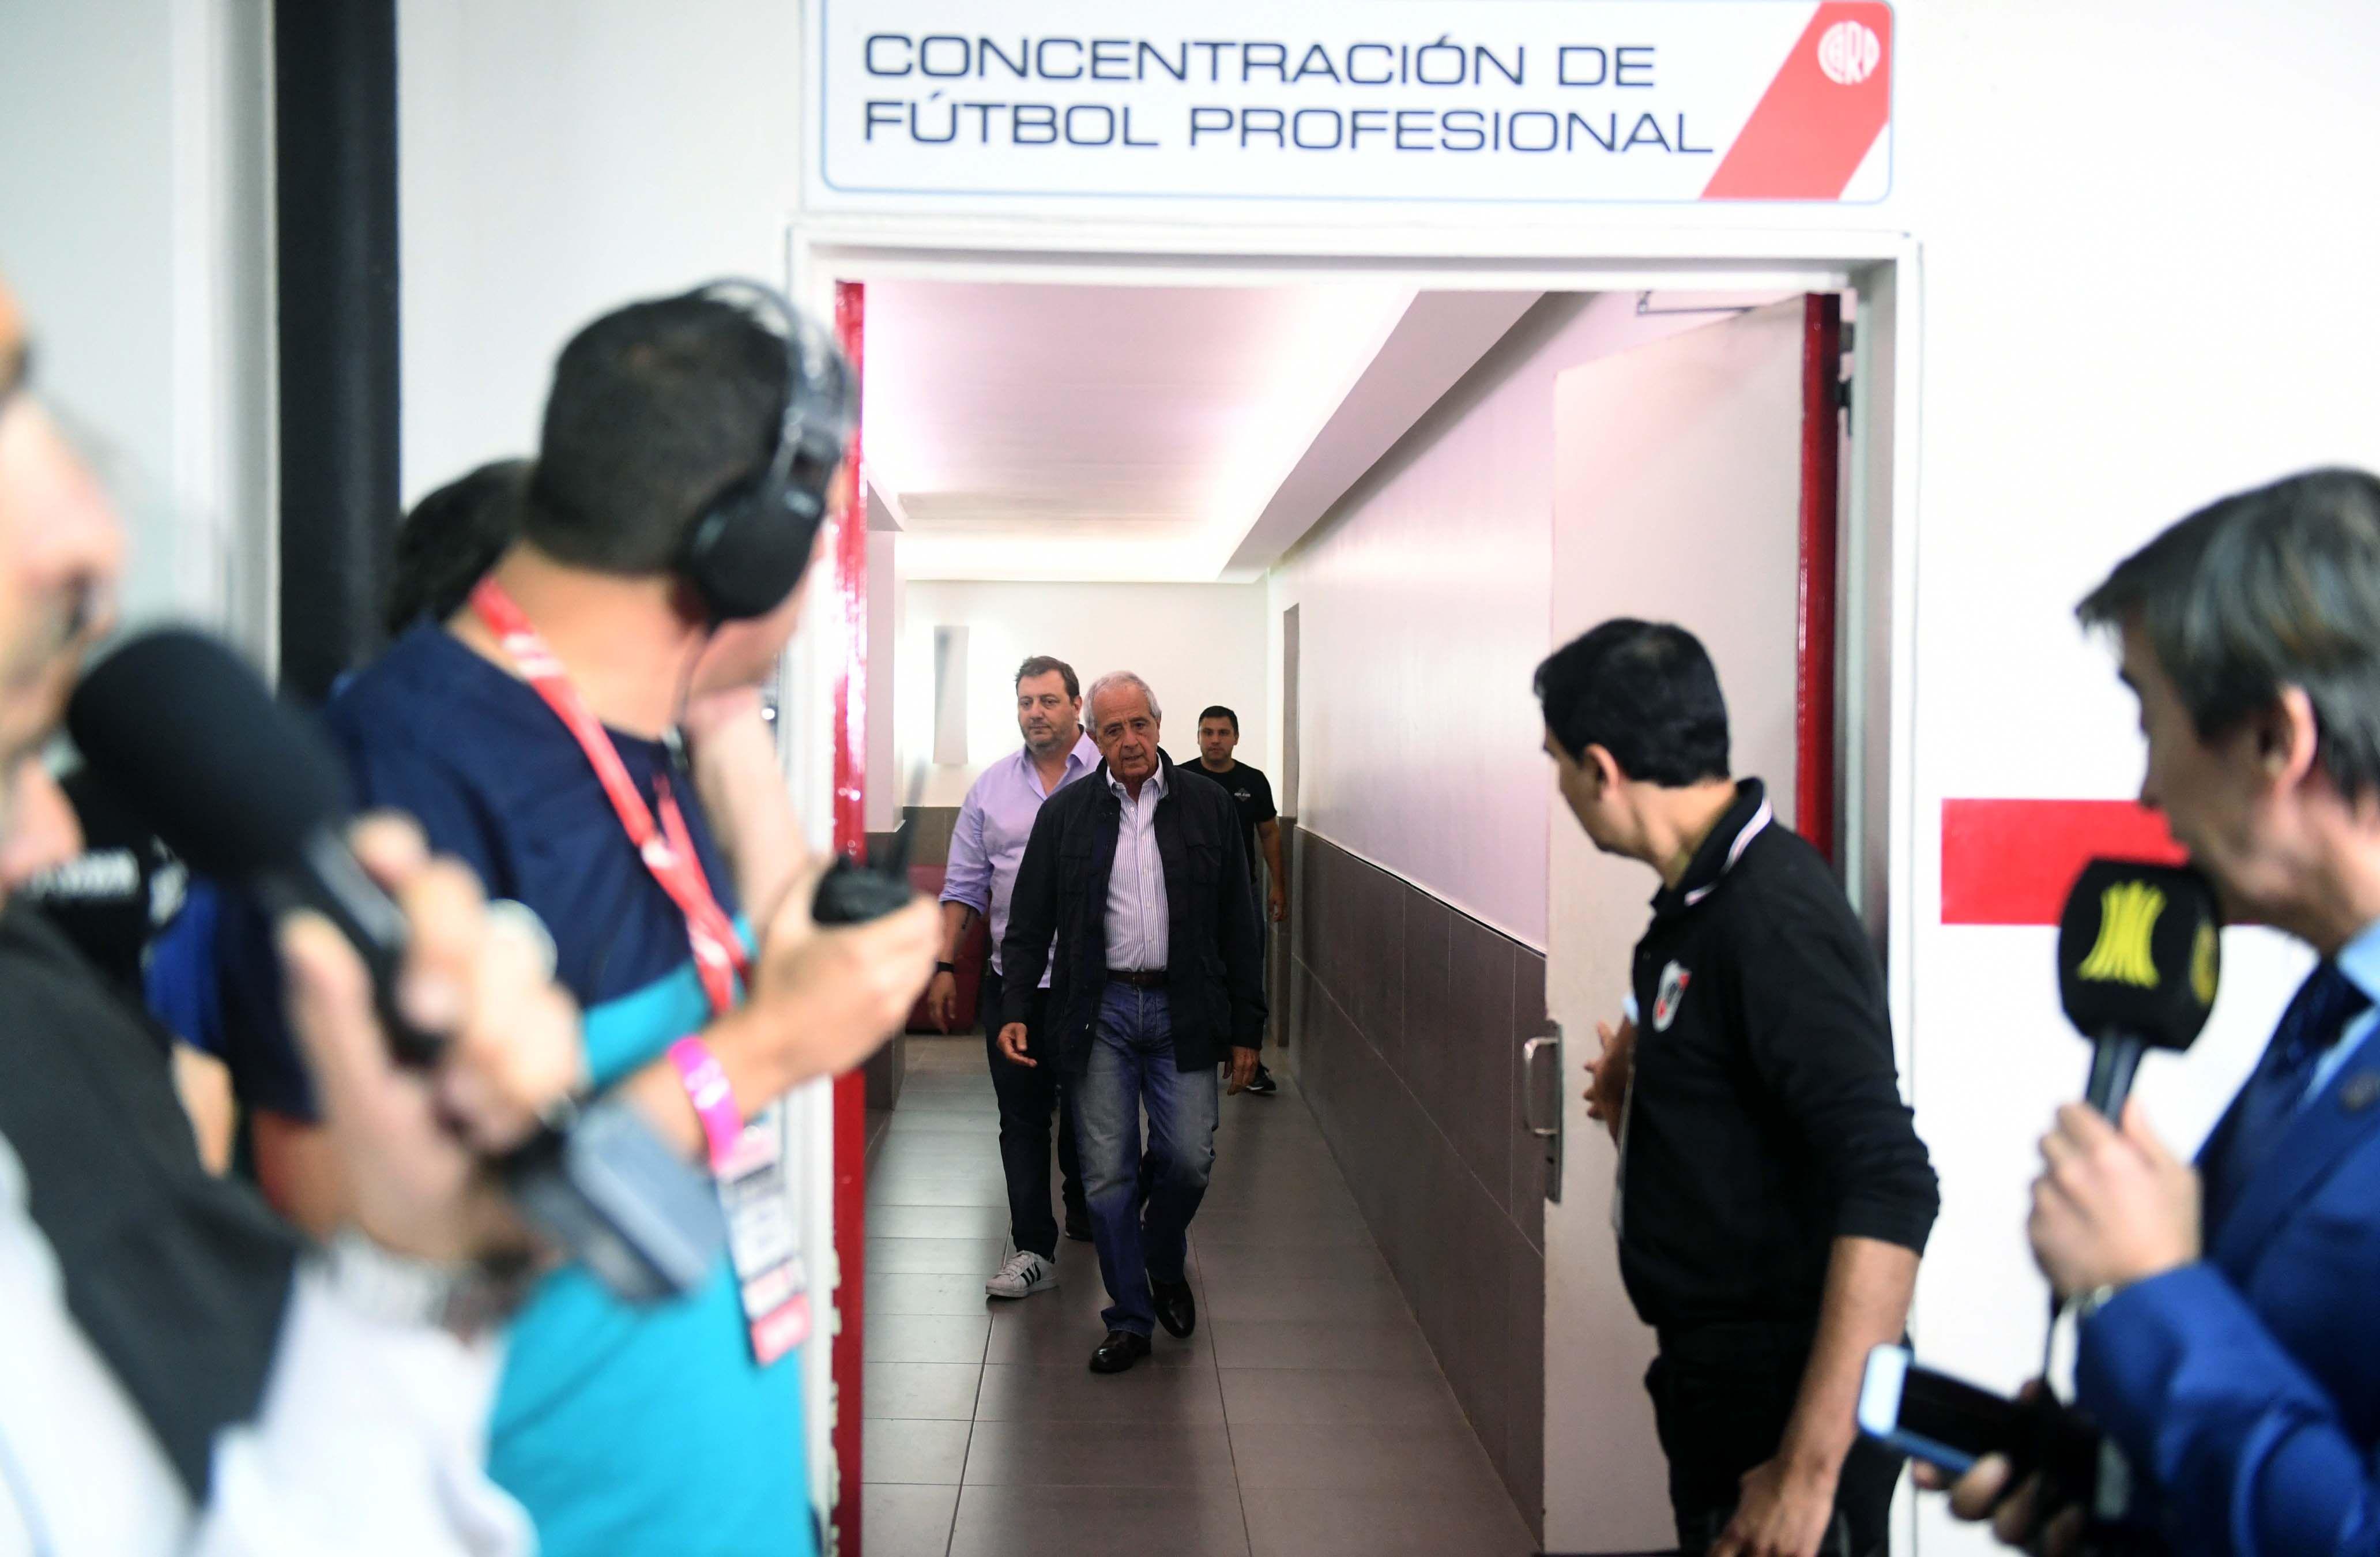 DOnofrio y Angelici ya están reunidos en Paraguay: Conmebol ratificó que la final se jugará